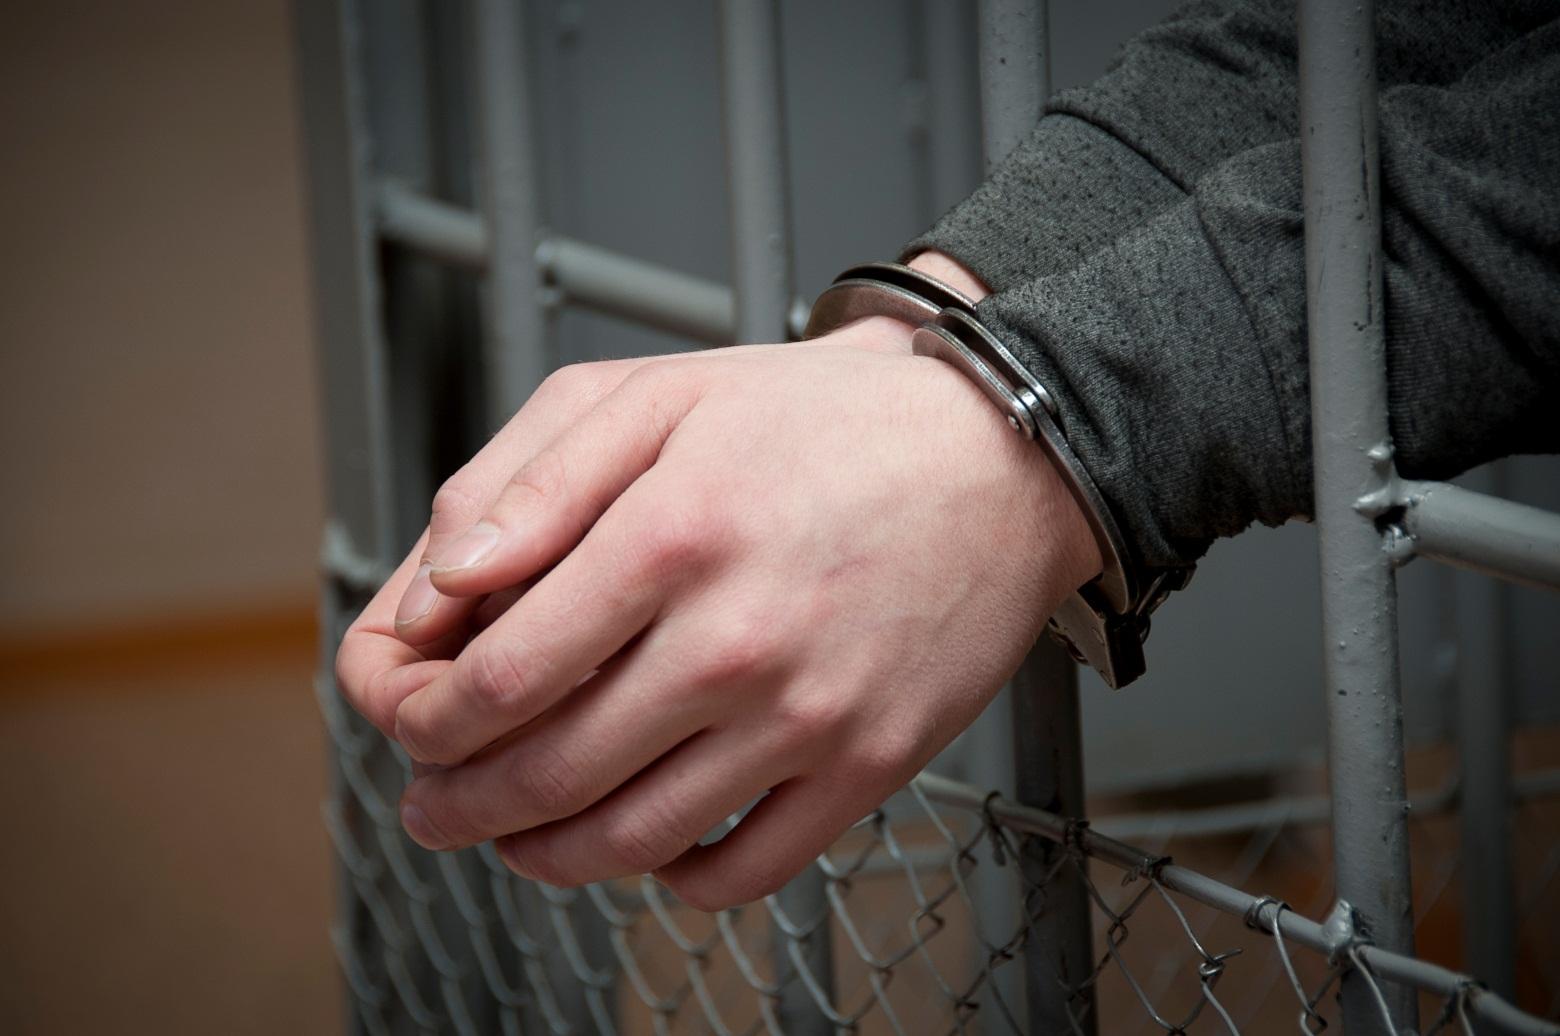 Освобожденным по УДО в РК могут запретить употреблять алкоголь